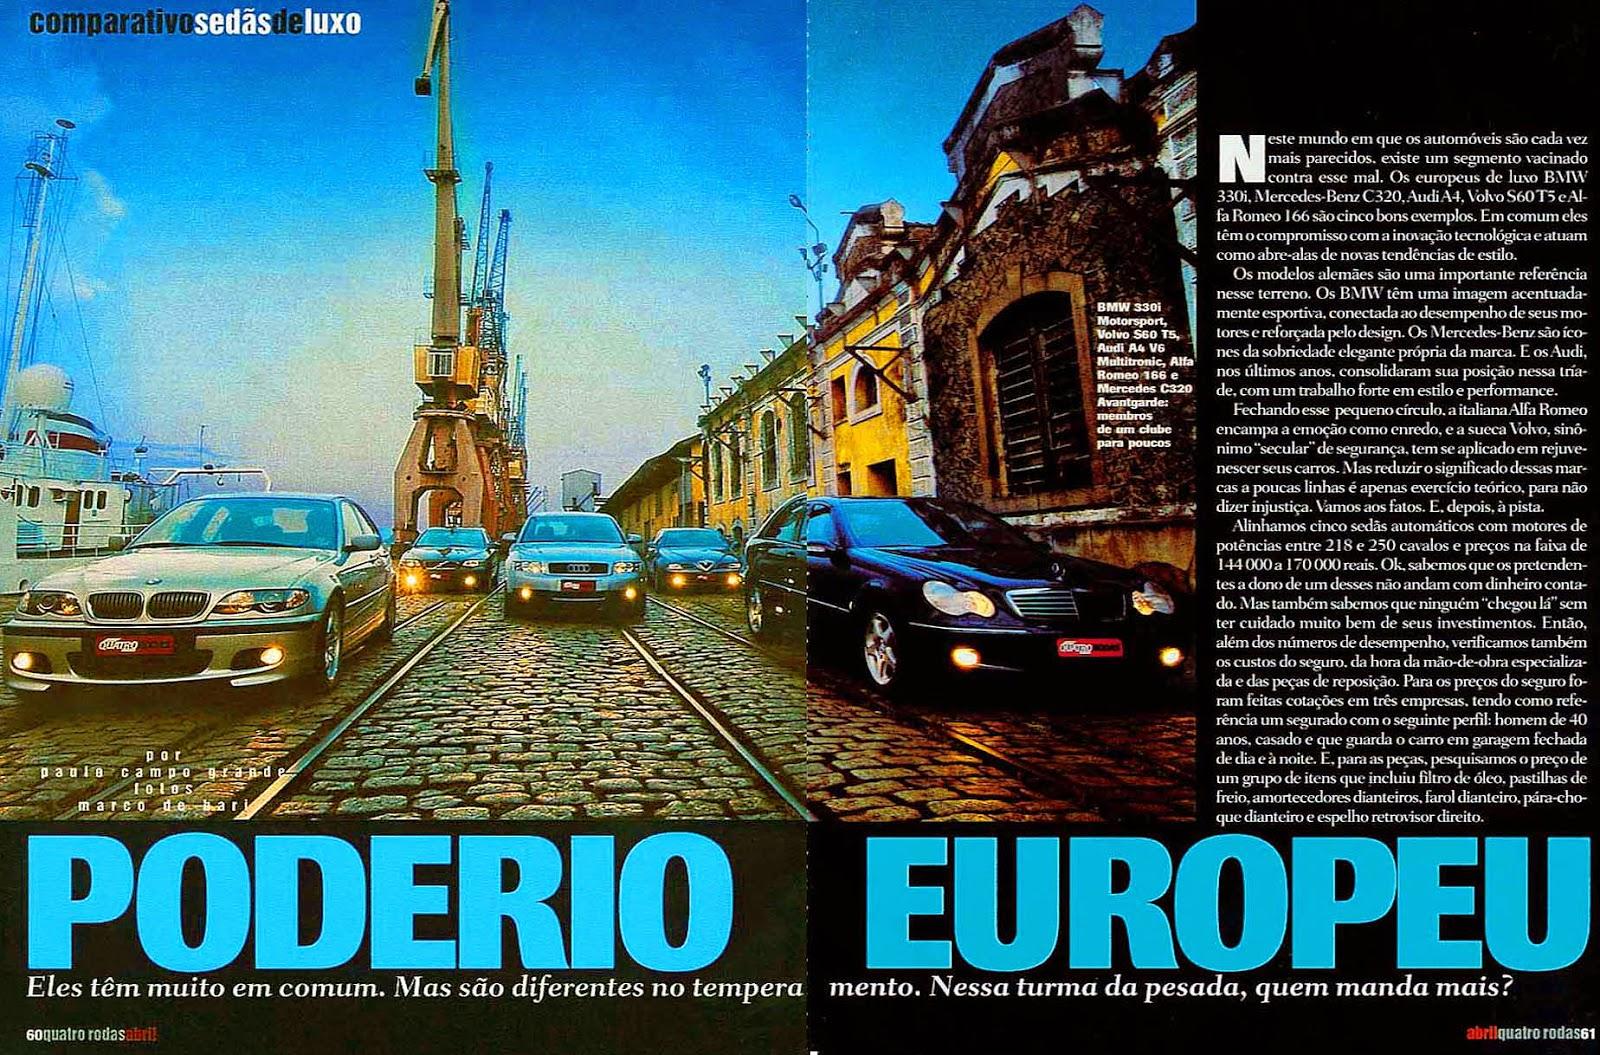 (W203): Avaliação - Revista Quatro Rodas - C320 x BMW 330i x Audi A4 x Volvo S60 T5 x Alfa Romeo 166 - abril/2002 501%2C061%2C42%2C04%2CTE